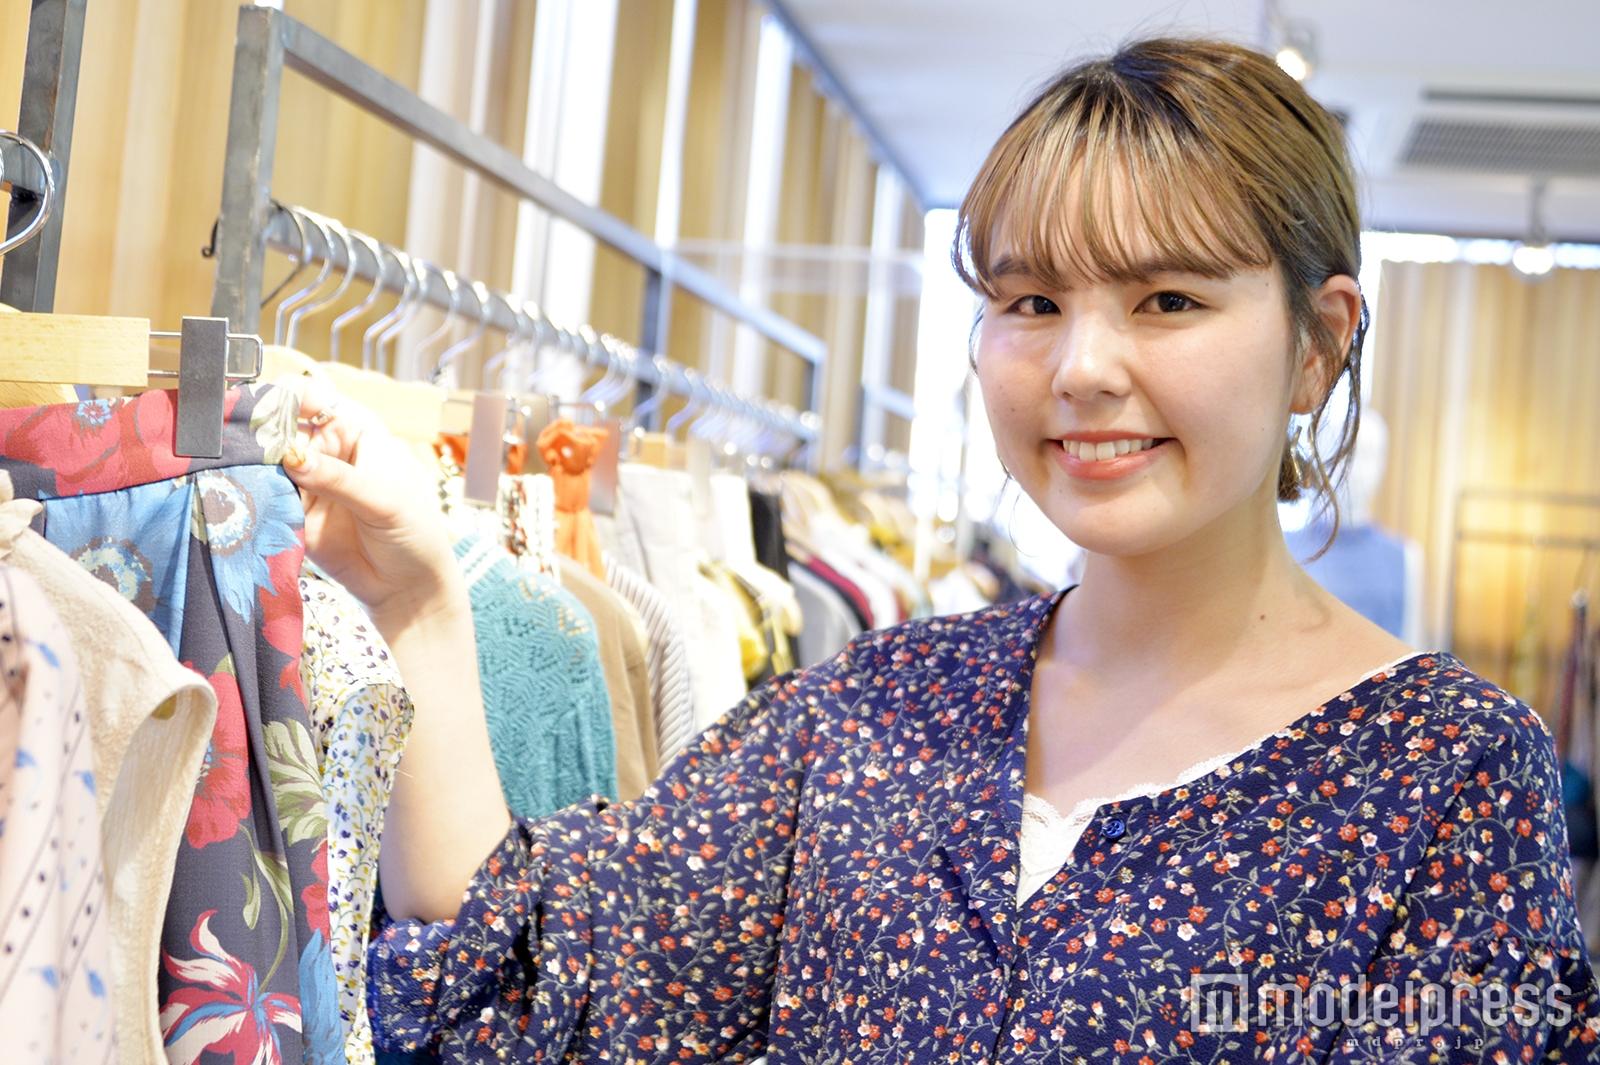 「Ray Cassin」プレスの山本栞奈さん(C)モデルプレス